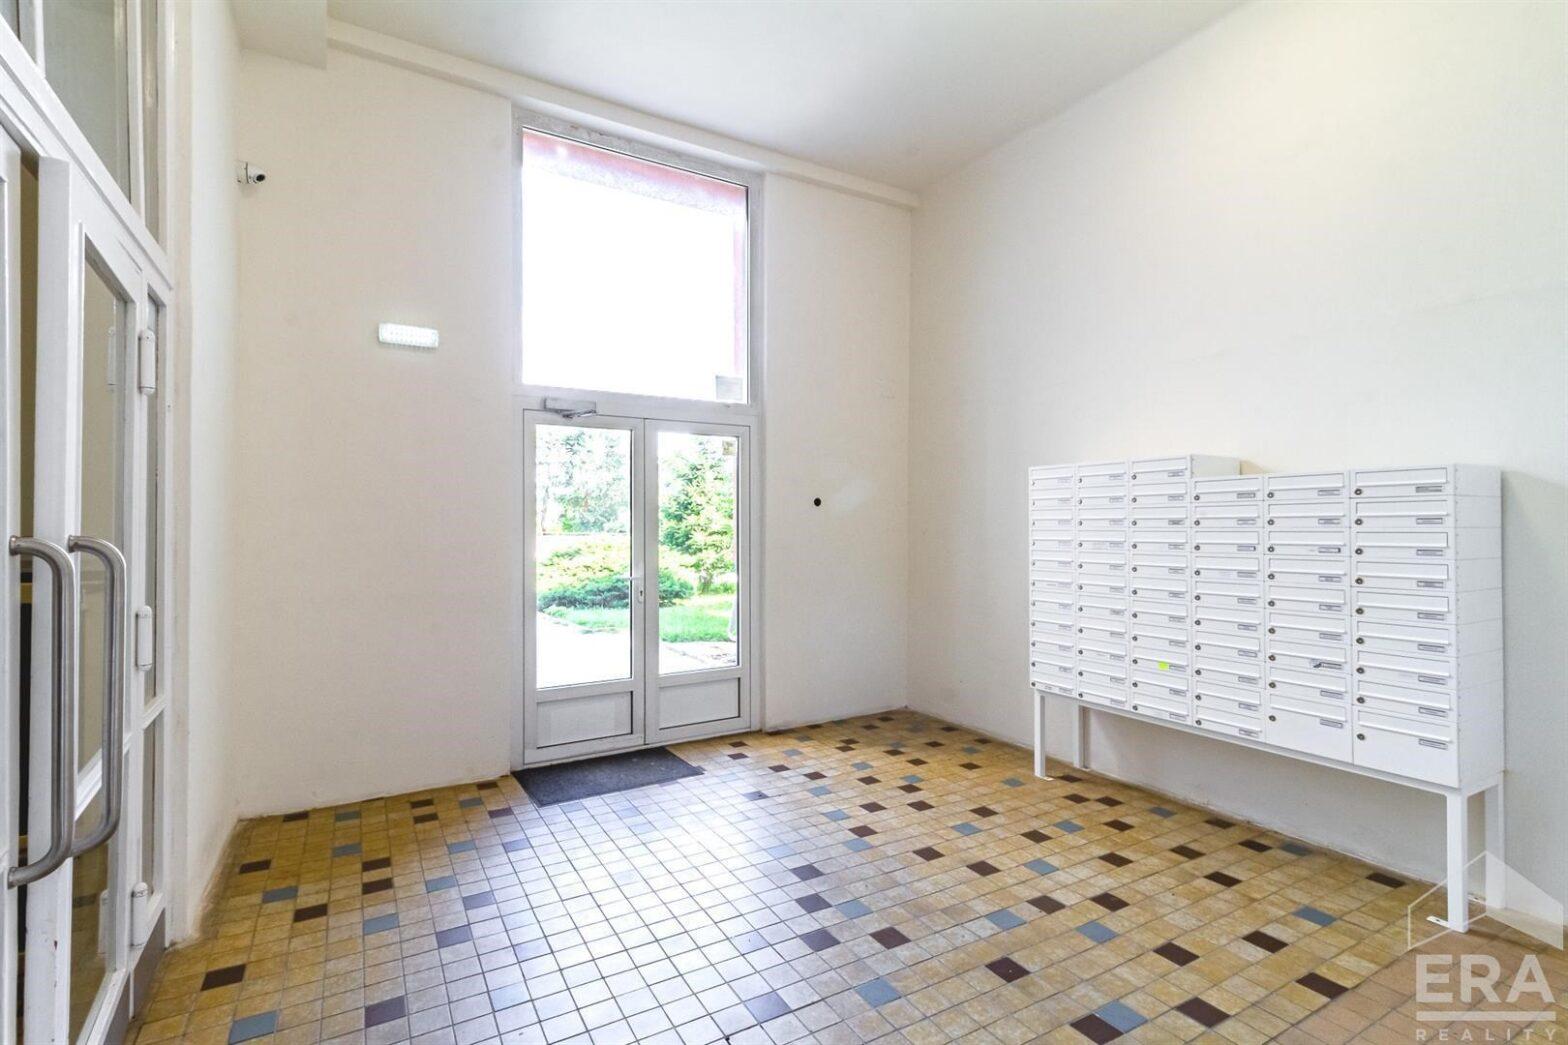 Prodej bytu 3+1 s lodžií a sklepem (60 m2), ul. Evropská, Praha 6